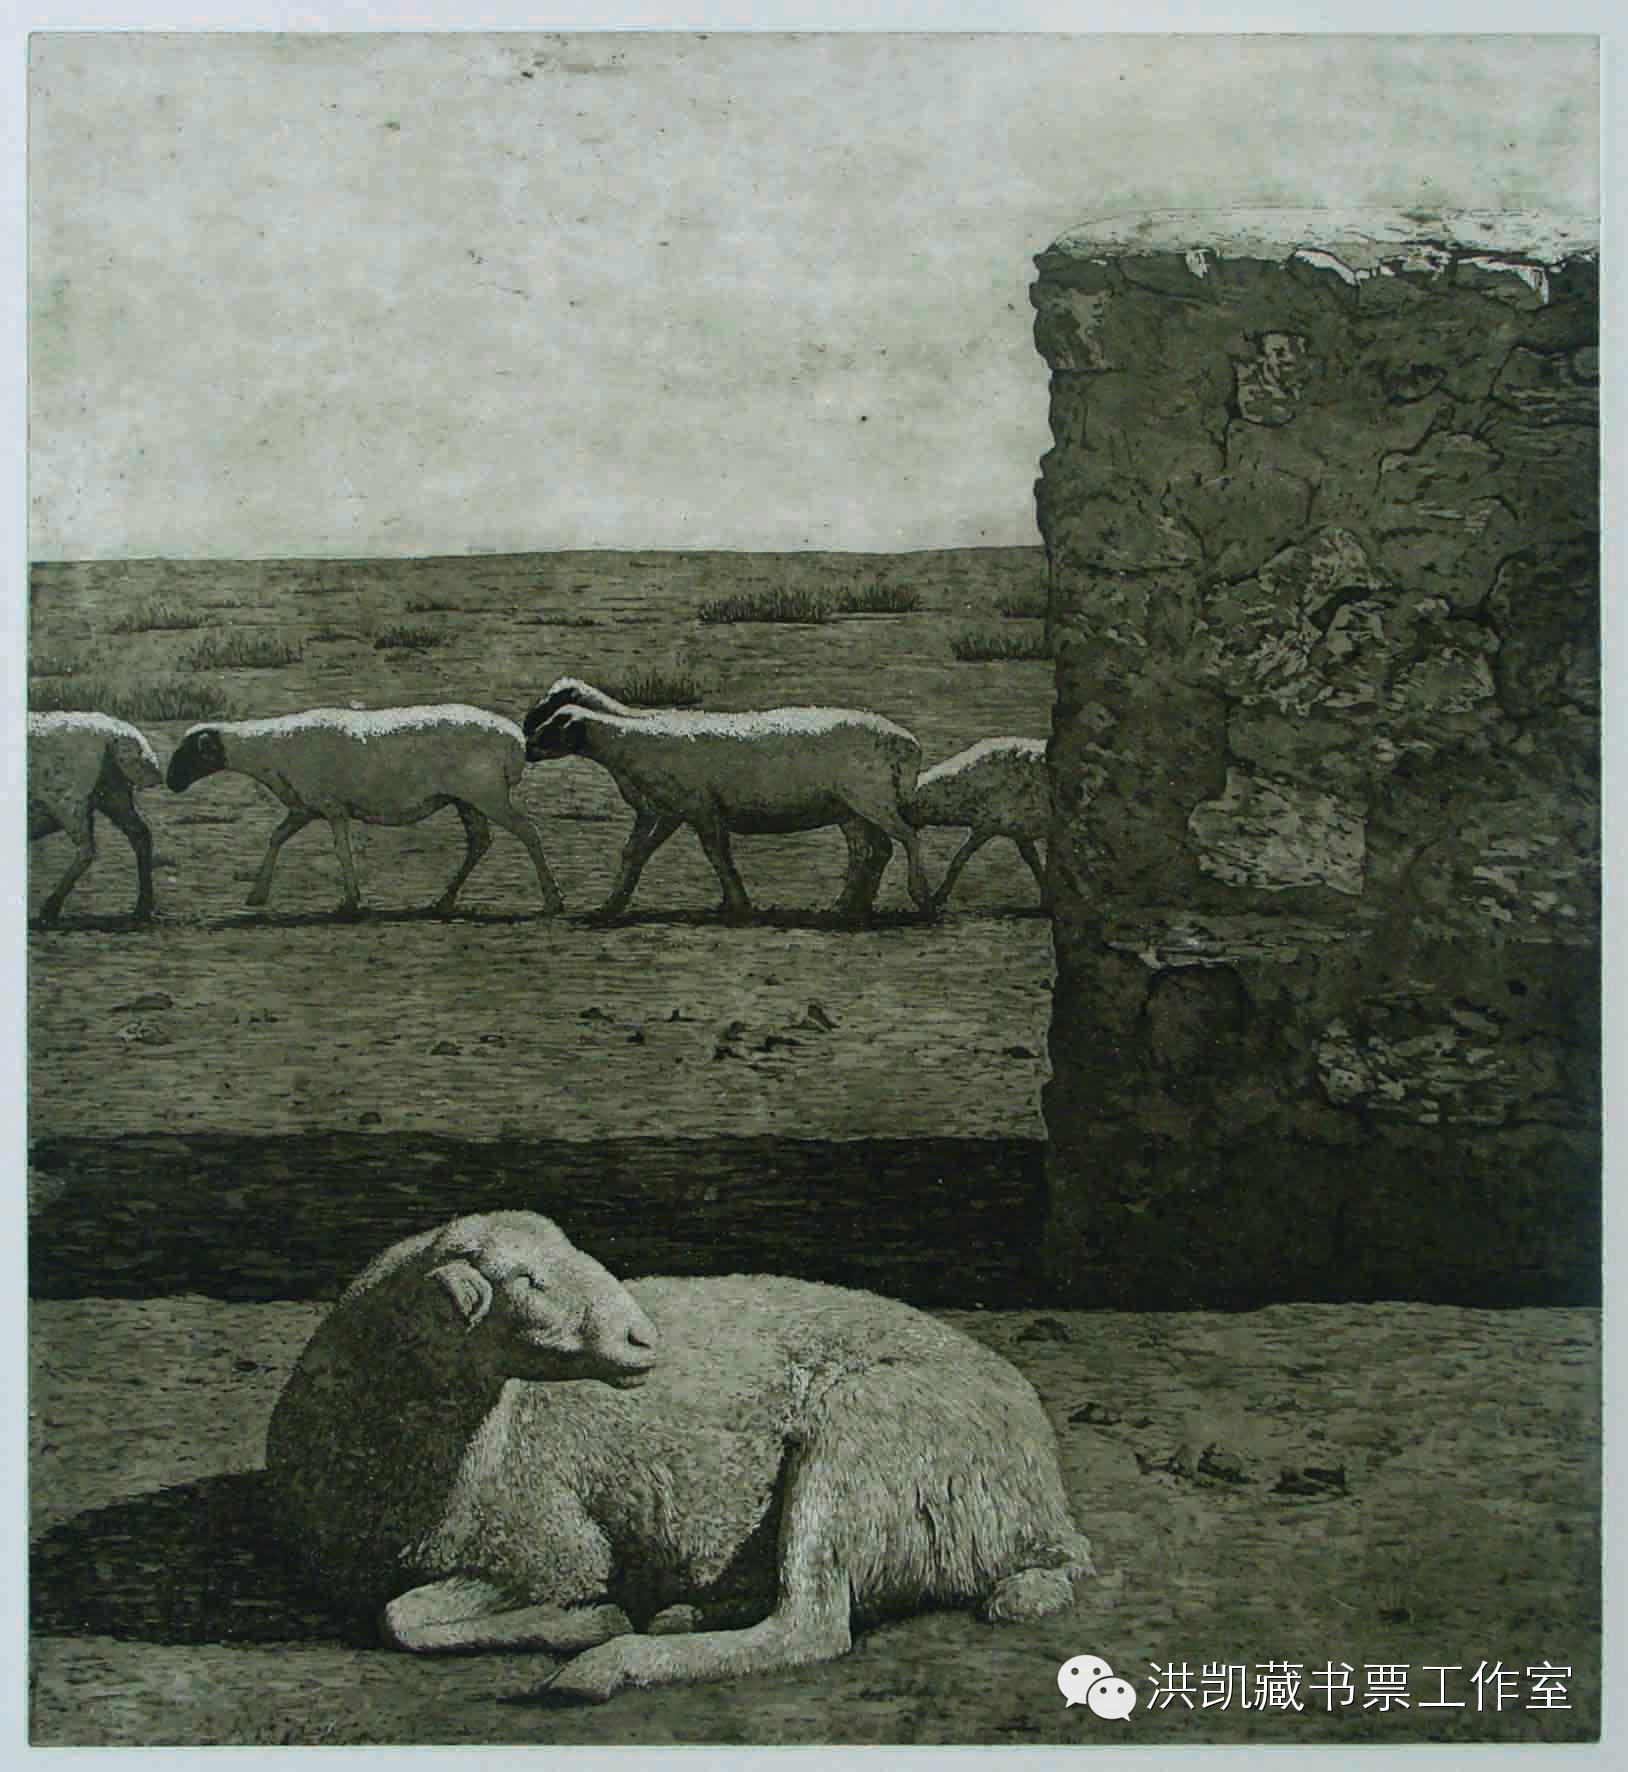 版画作品推荐002期-(内蒙古版画家)拉喜萨布哈﹒版画&藏书票作品欣赏 第3张